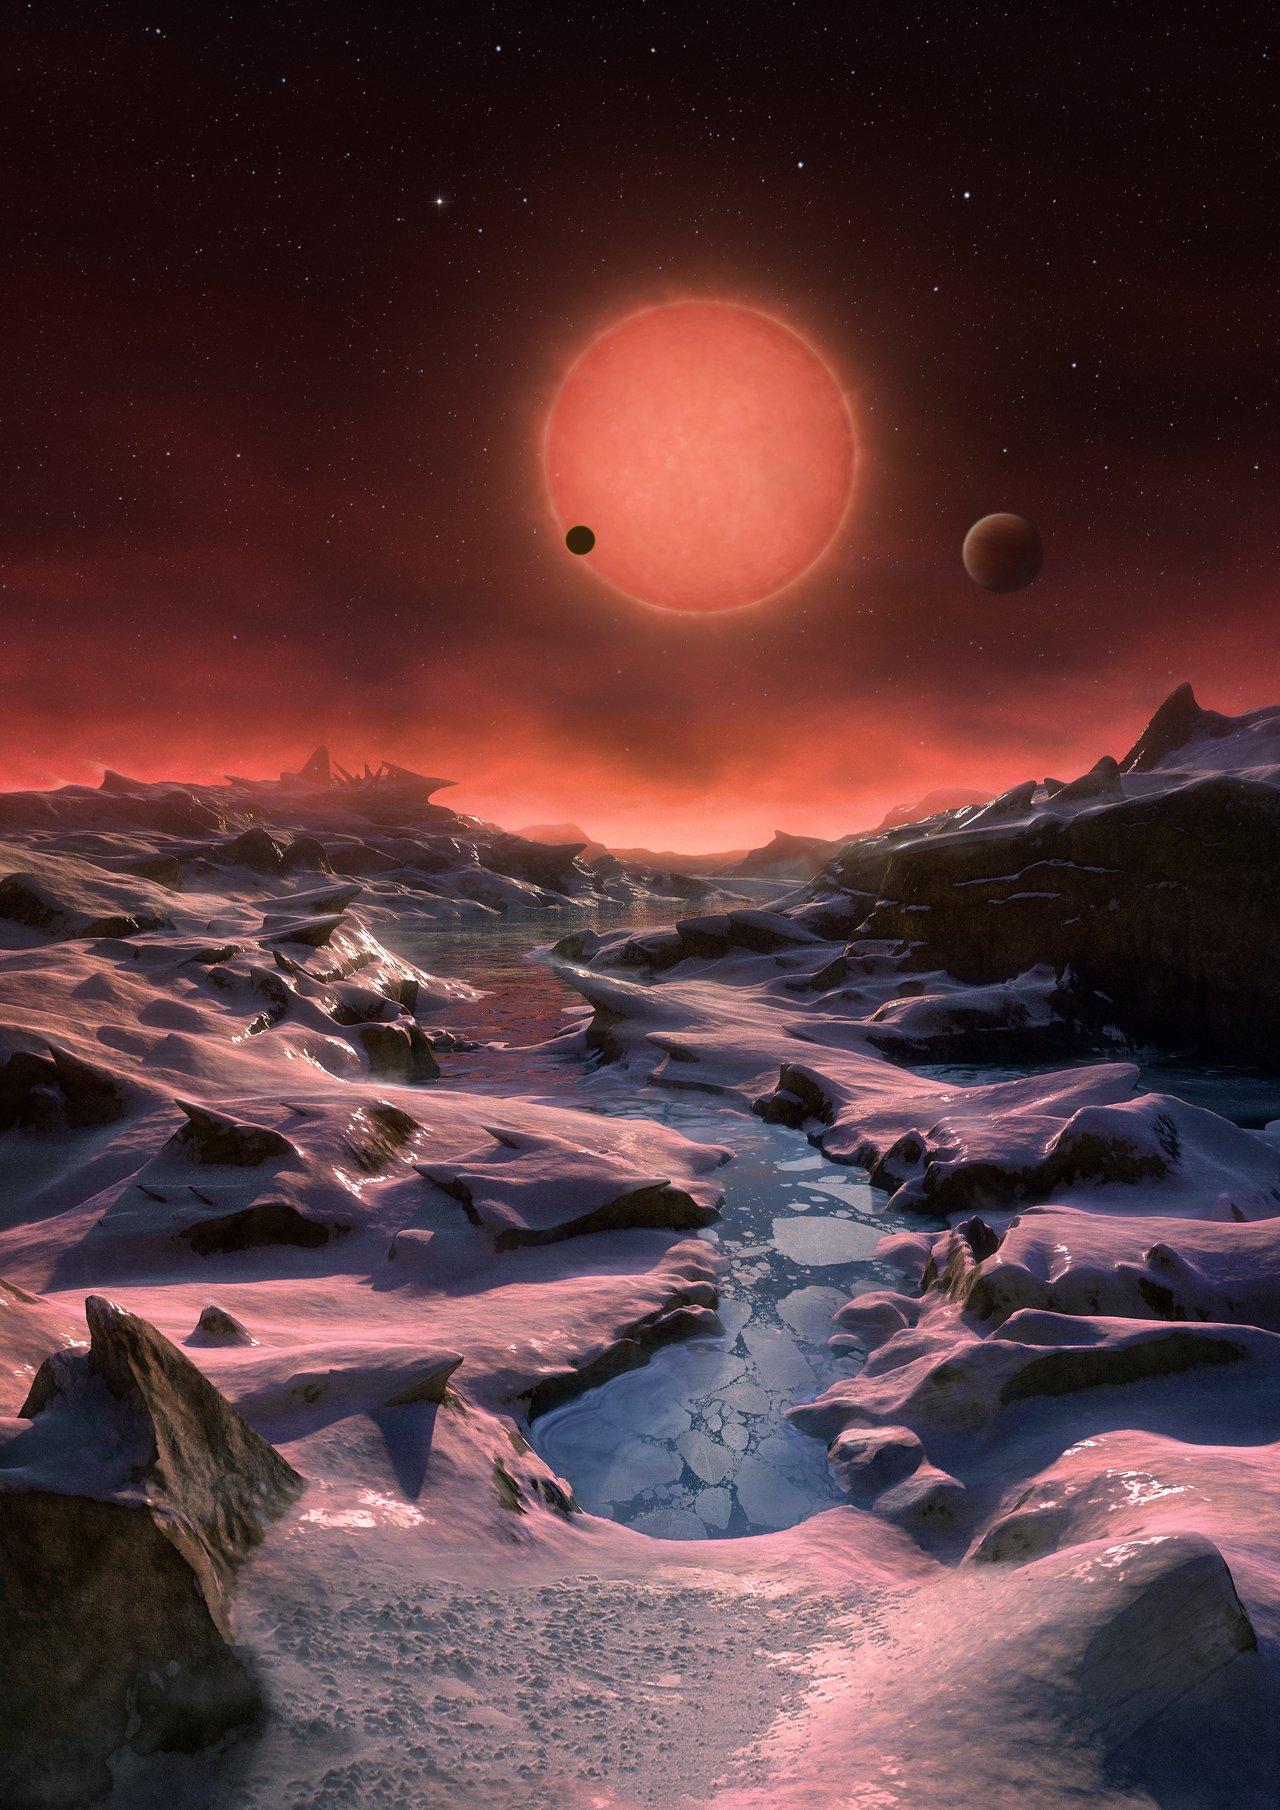 Tres mundos potencialmente habitables hallados alrededor de una estrella  enana ultrafría cercana | ESO España